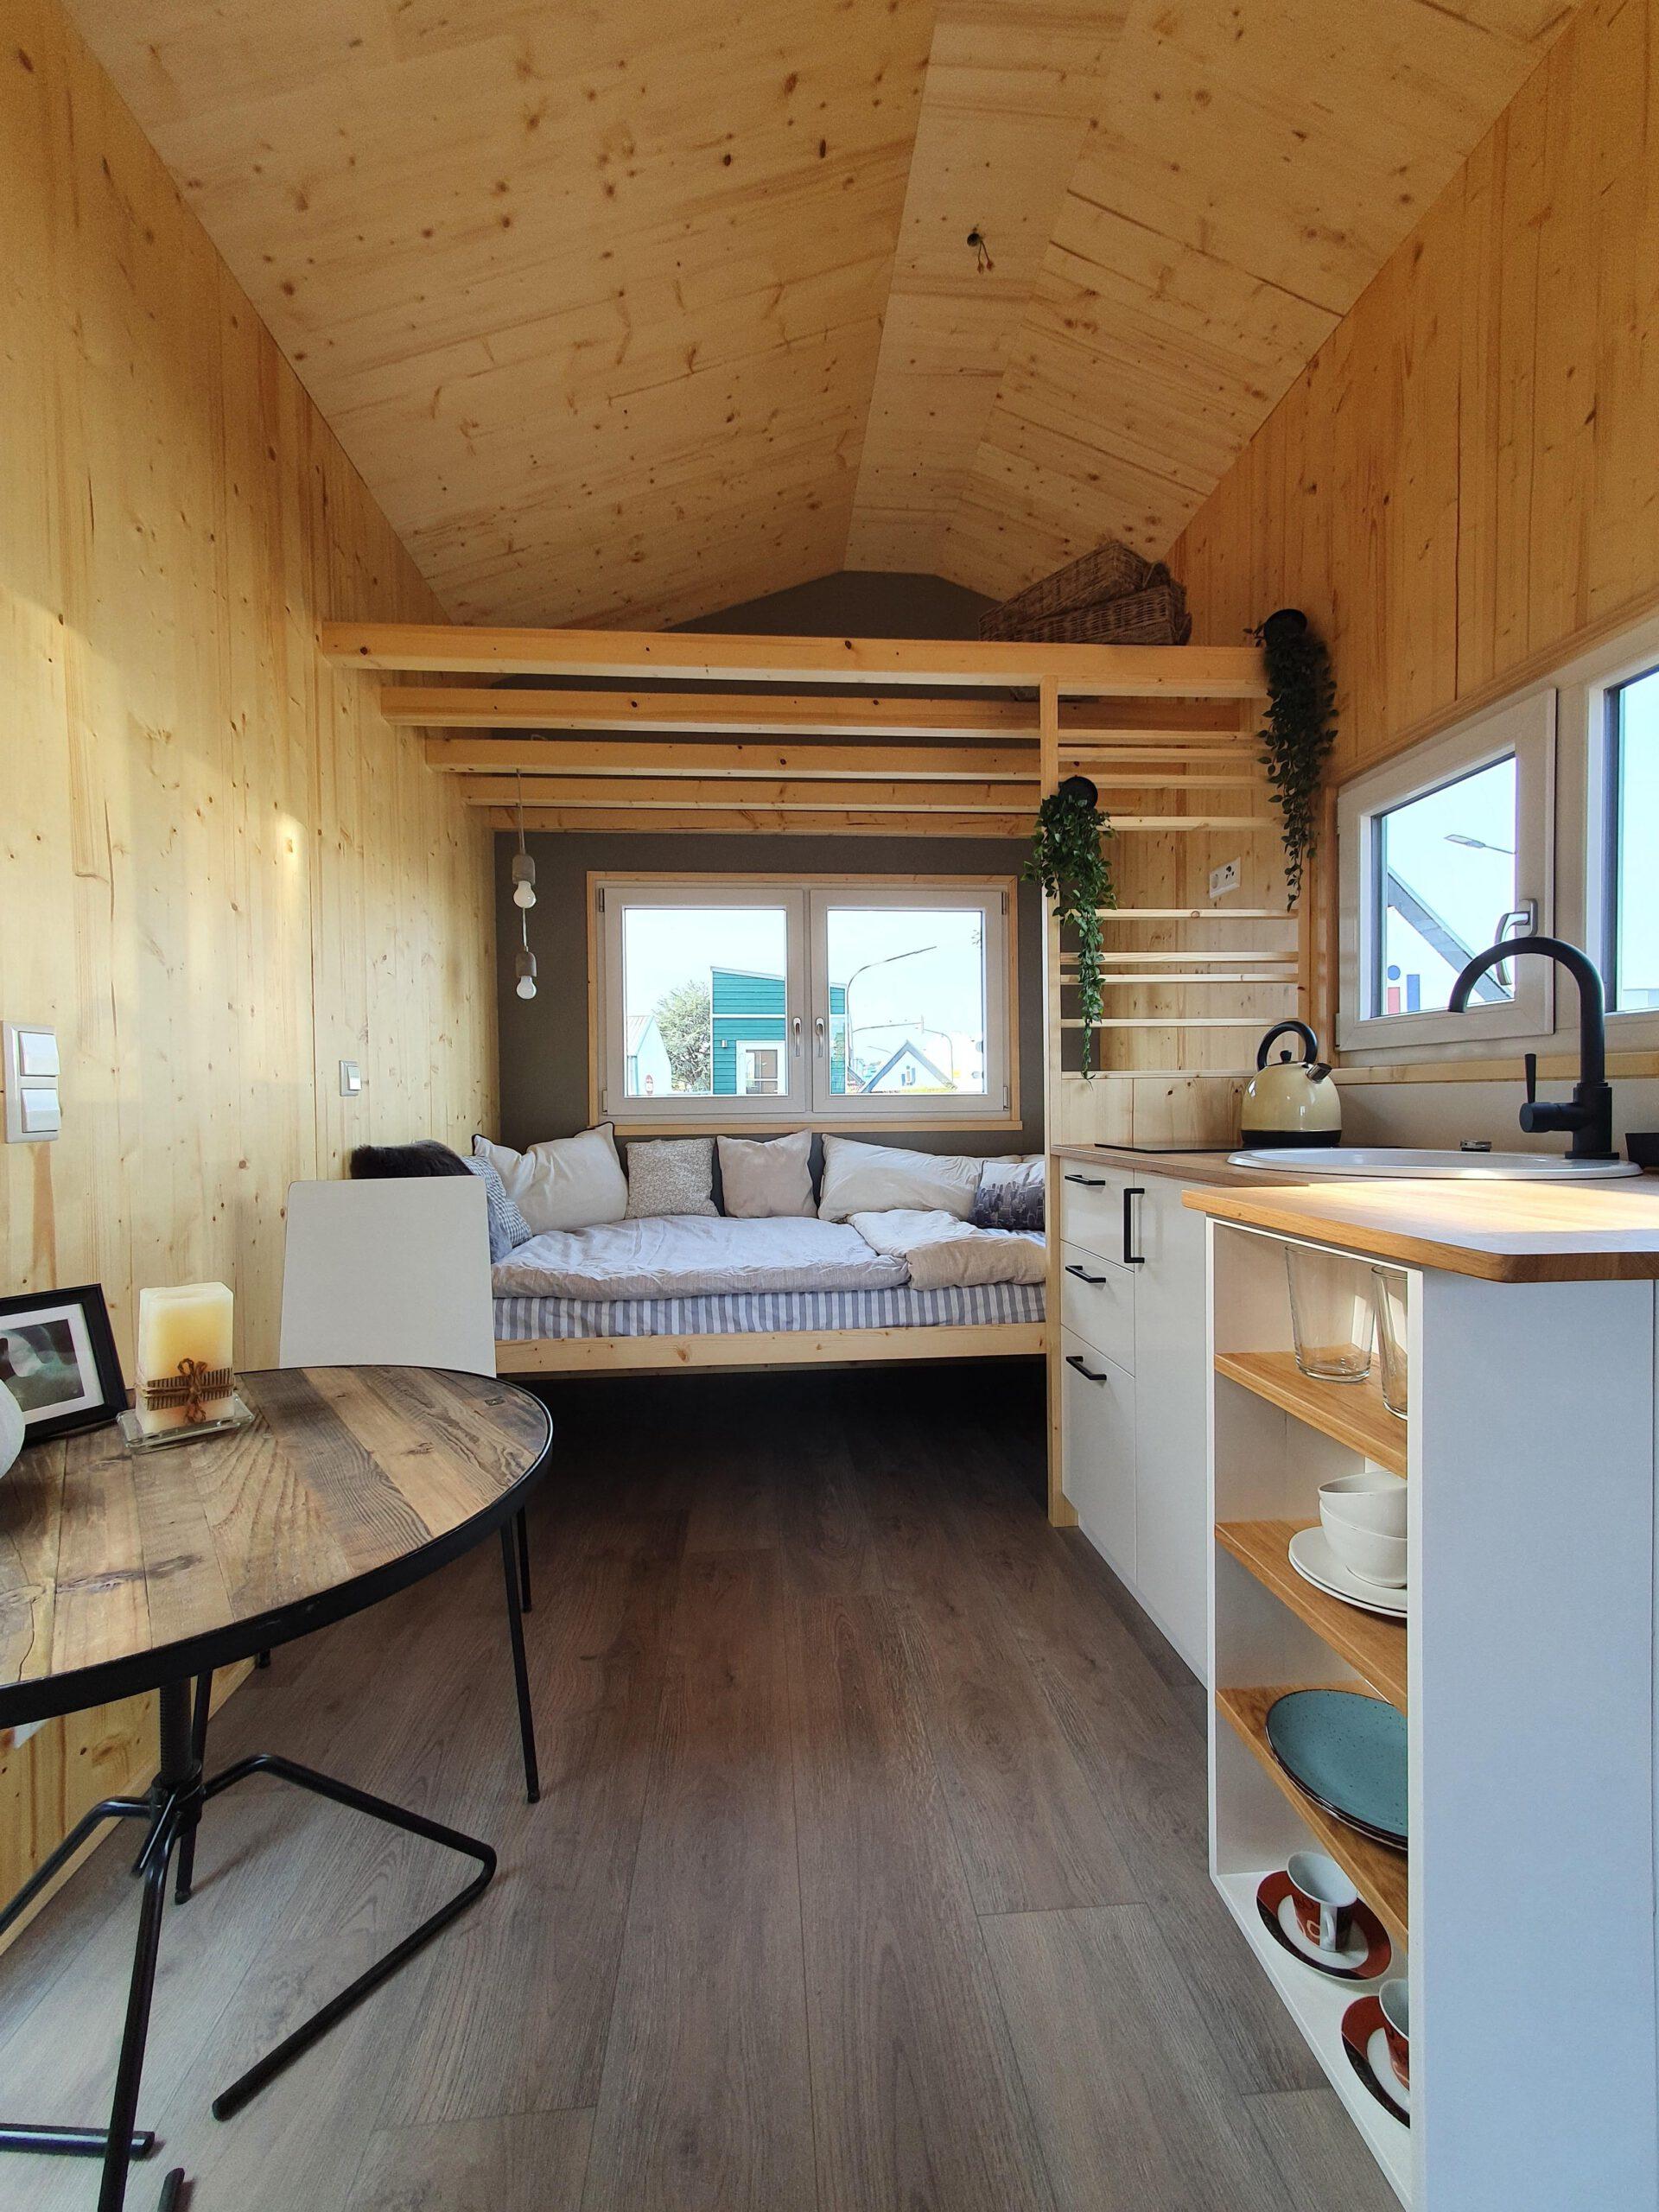 Innenraum der Ruhr mit Tagesbett, Essplatz und Küche